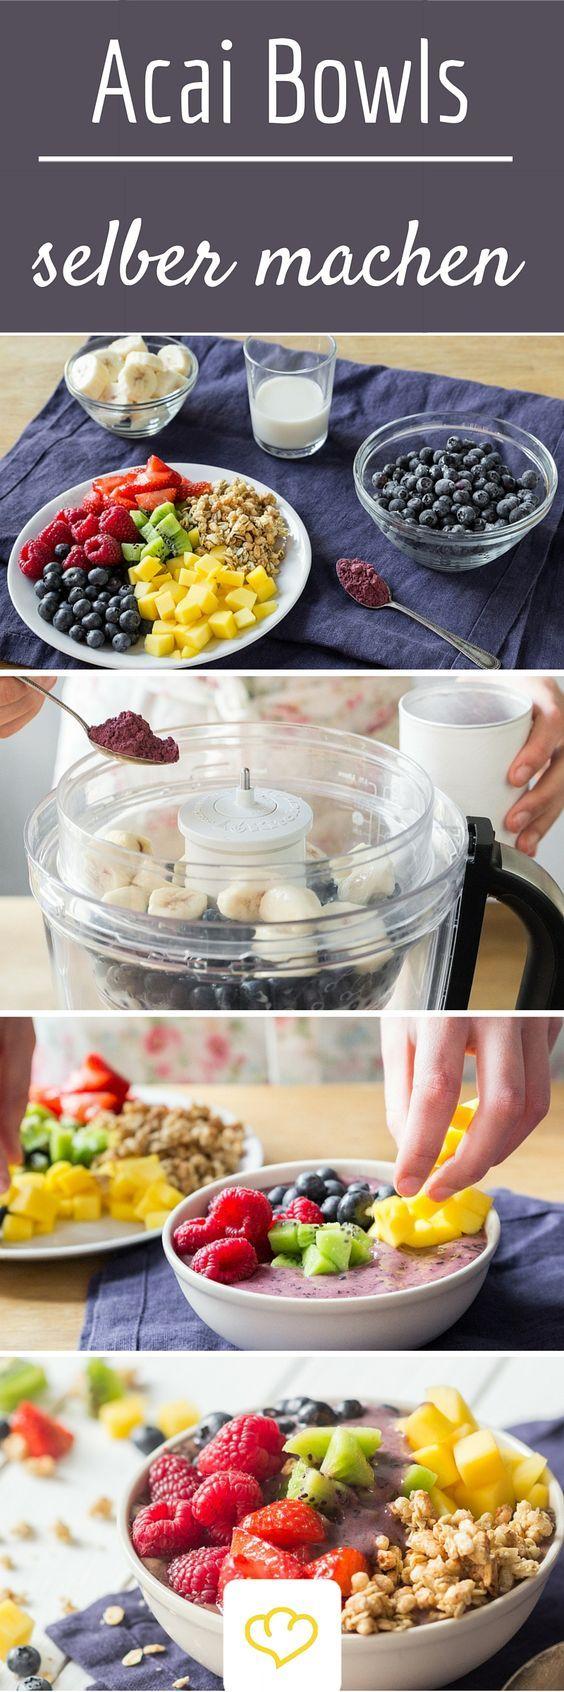 Verpass deinem Frühstück einen Superfood-Boost und gönn dir eine Acai-Bowl! Schritt für Schritt erklärt, wie's geht!